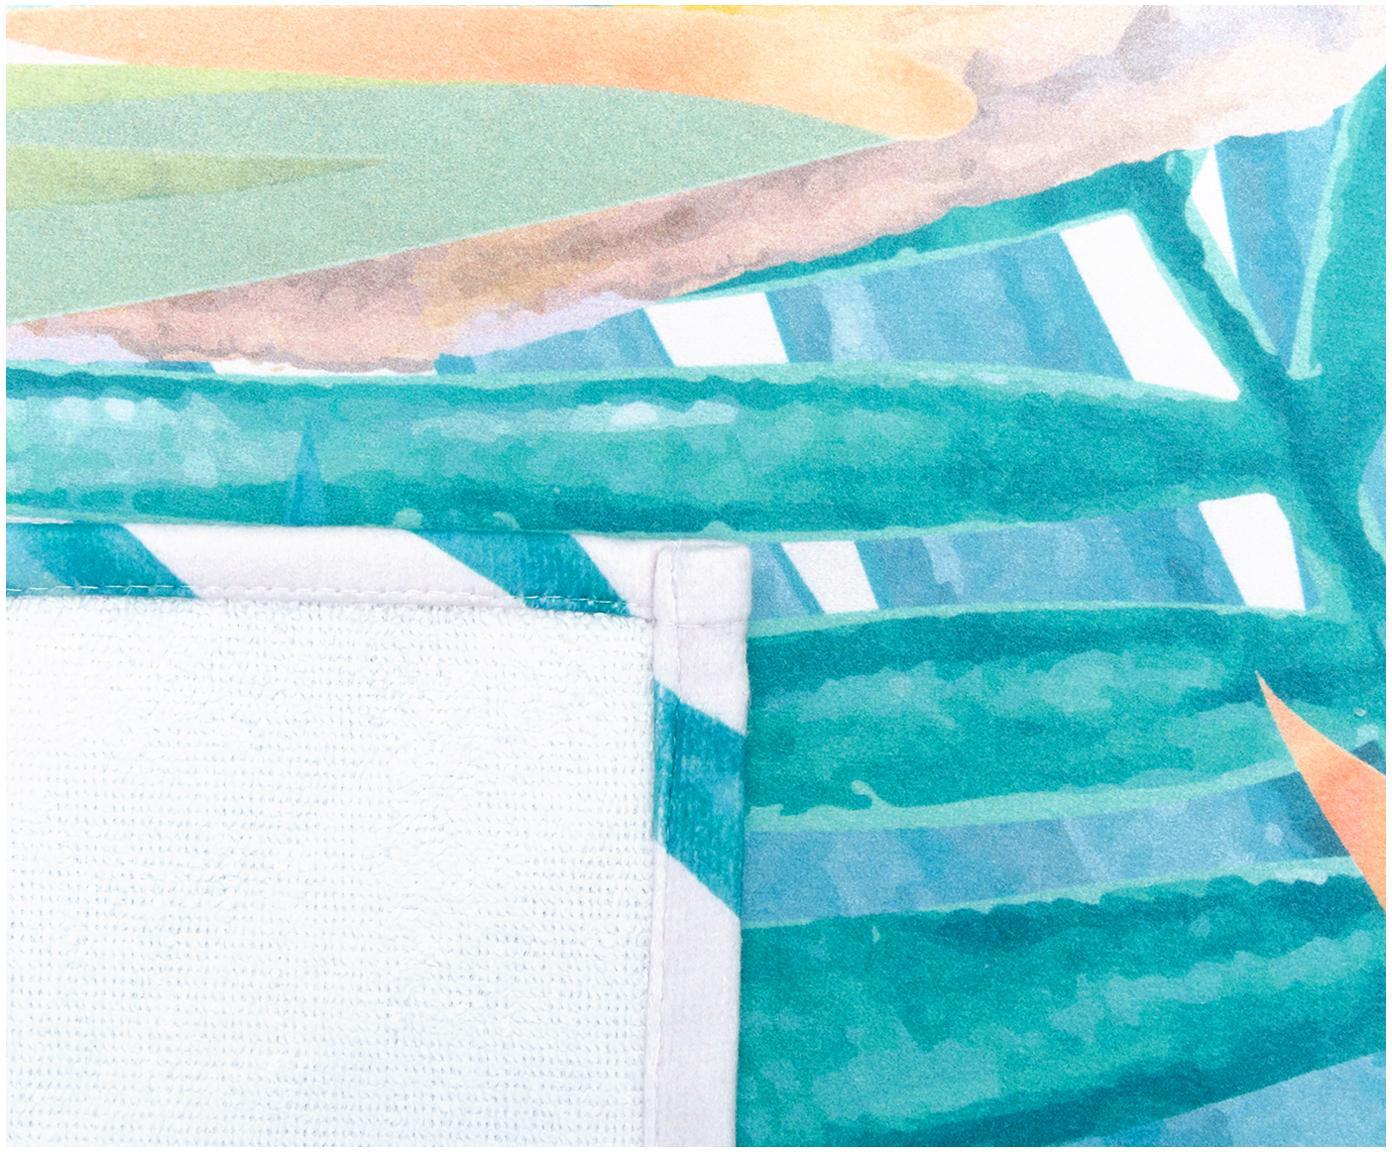 Ręcznik plażowy Tropic, 55% poliester, 45% bawełna Bardzo niska gramatura, 340 g/m², Beżowy, zielony, pomarańczowy, S 70 x D 150 cm